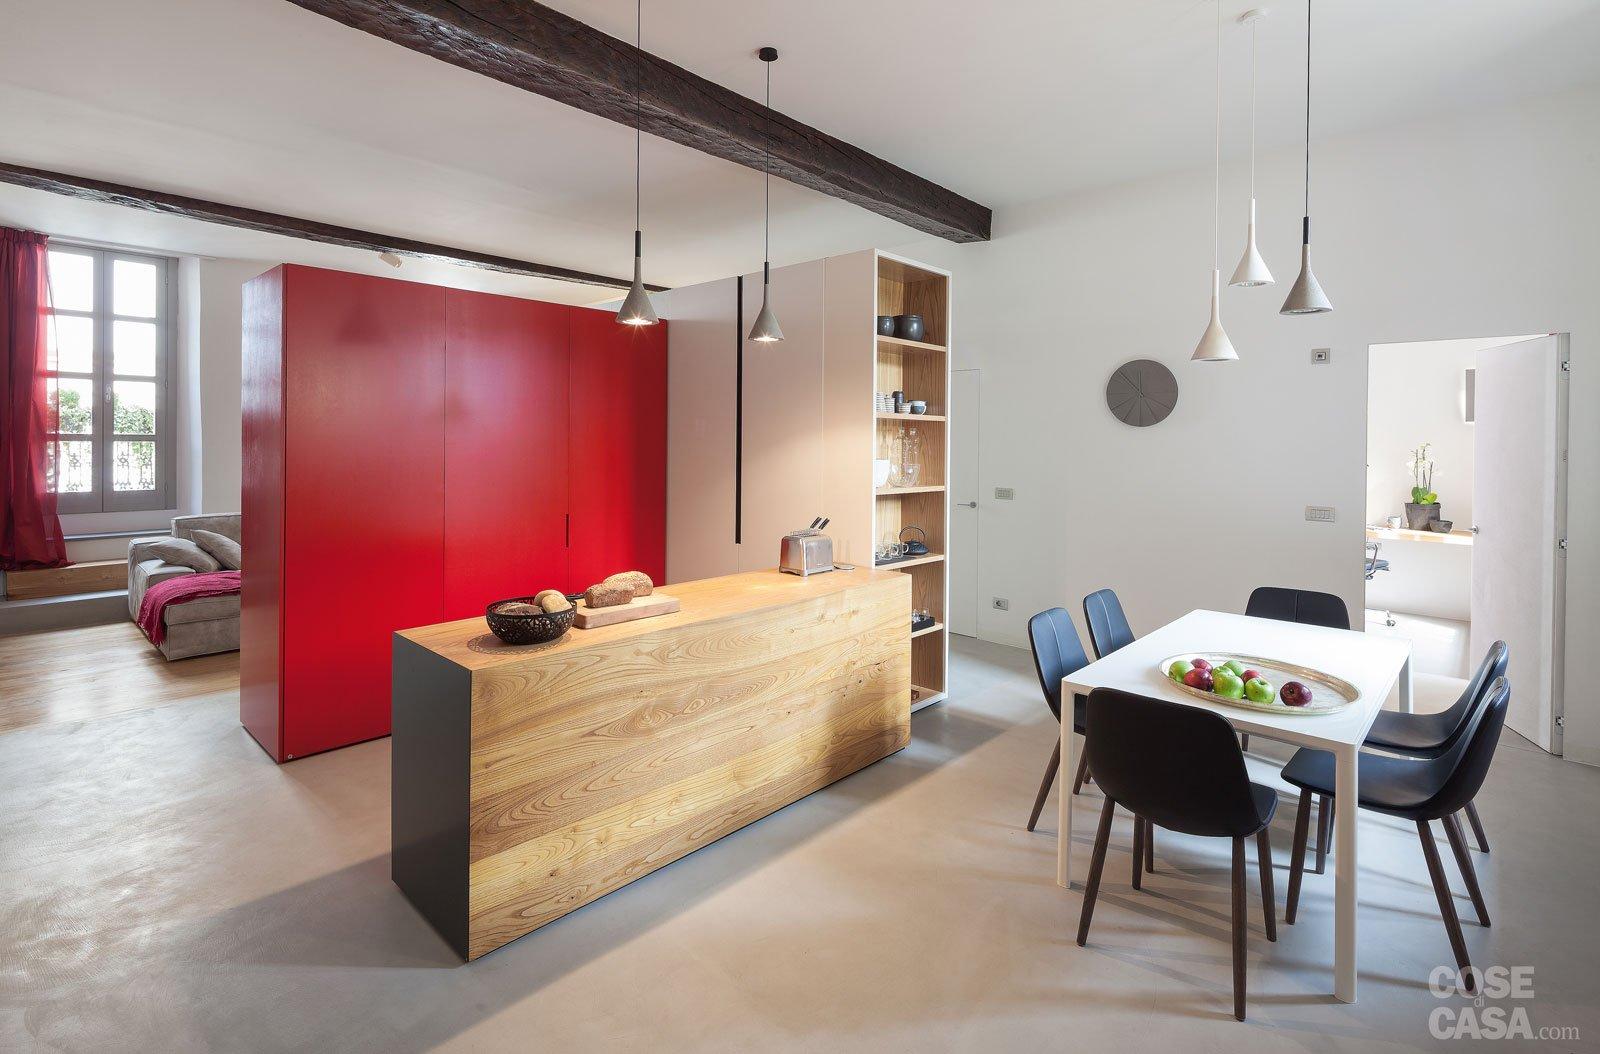 Idee Per Dividere Una Casa 140 mq: volumi geometrici per dividere gli spazi - cose di casa